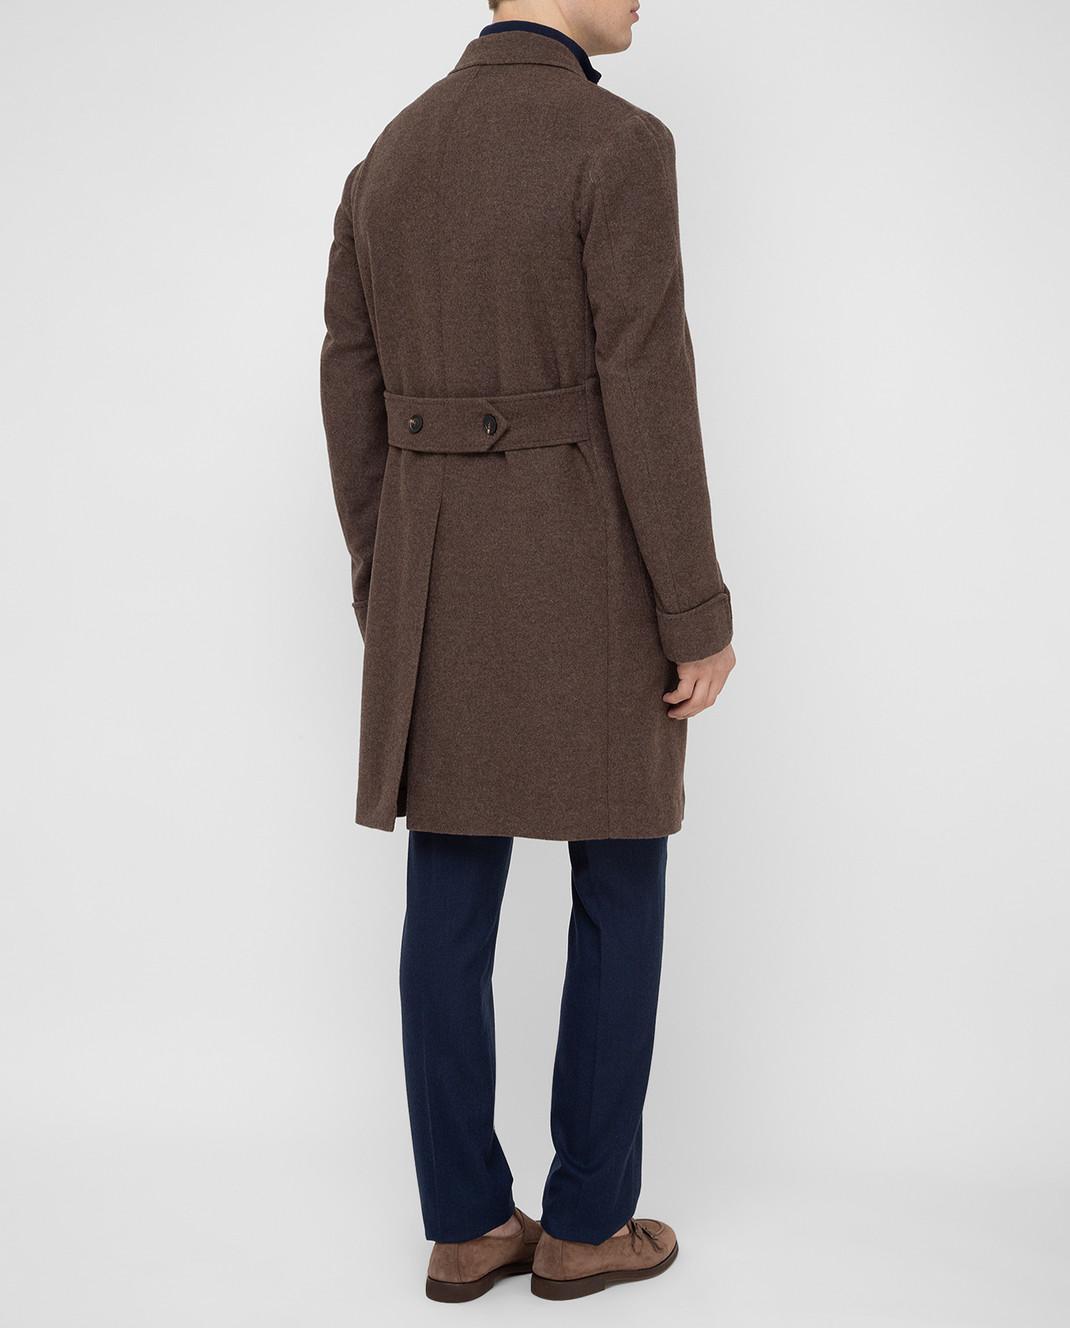 Stile Latino Коричневое пальто из шерсти и кашемира CUALFIO4592TMC20 изображение 4